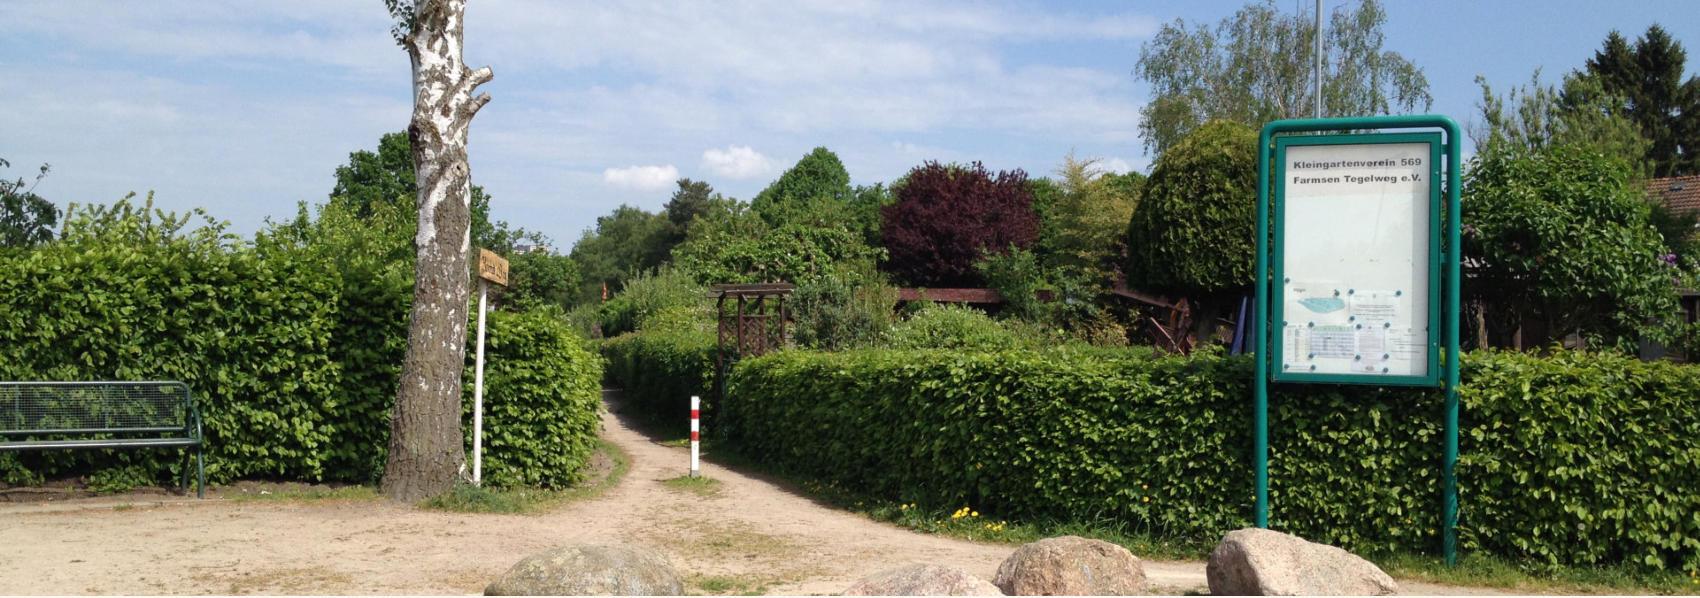 Startseite Kleingartenverein 569 Farmsen Tegelweg E V In Hamburg